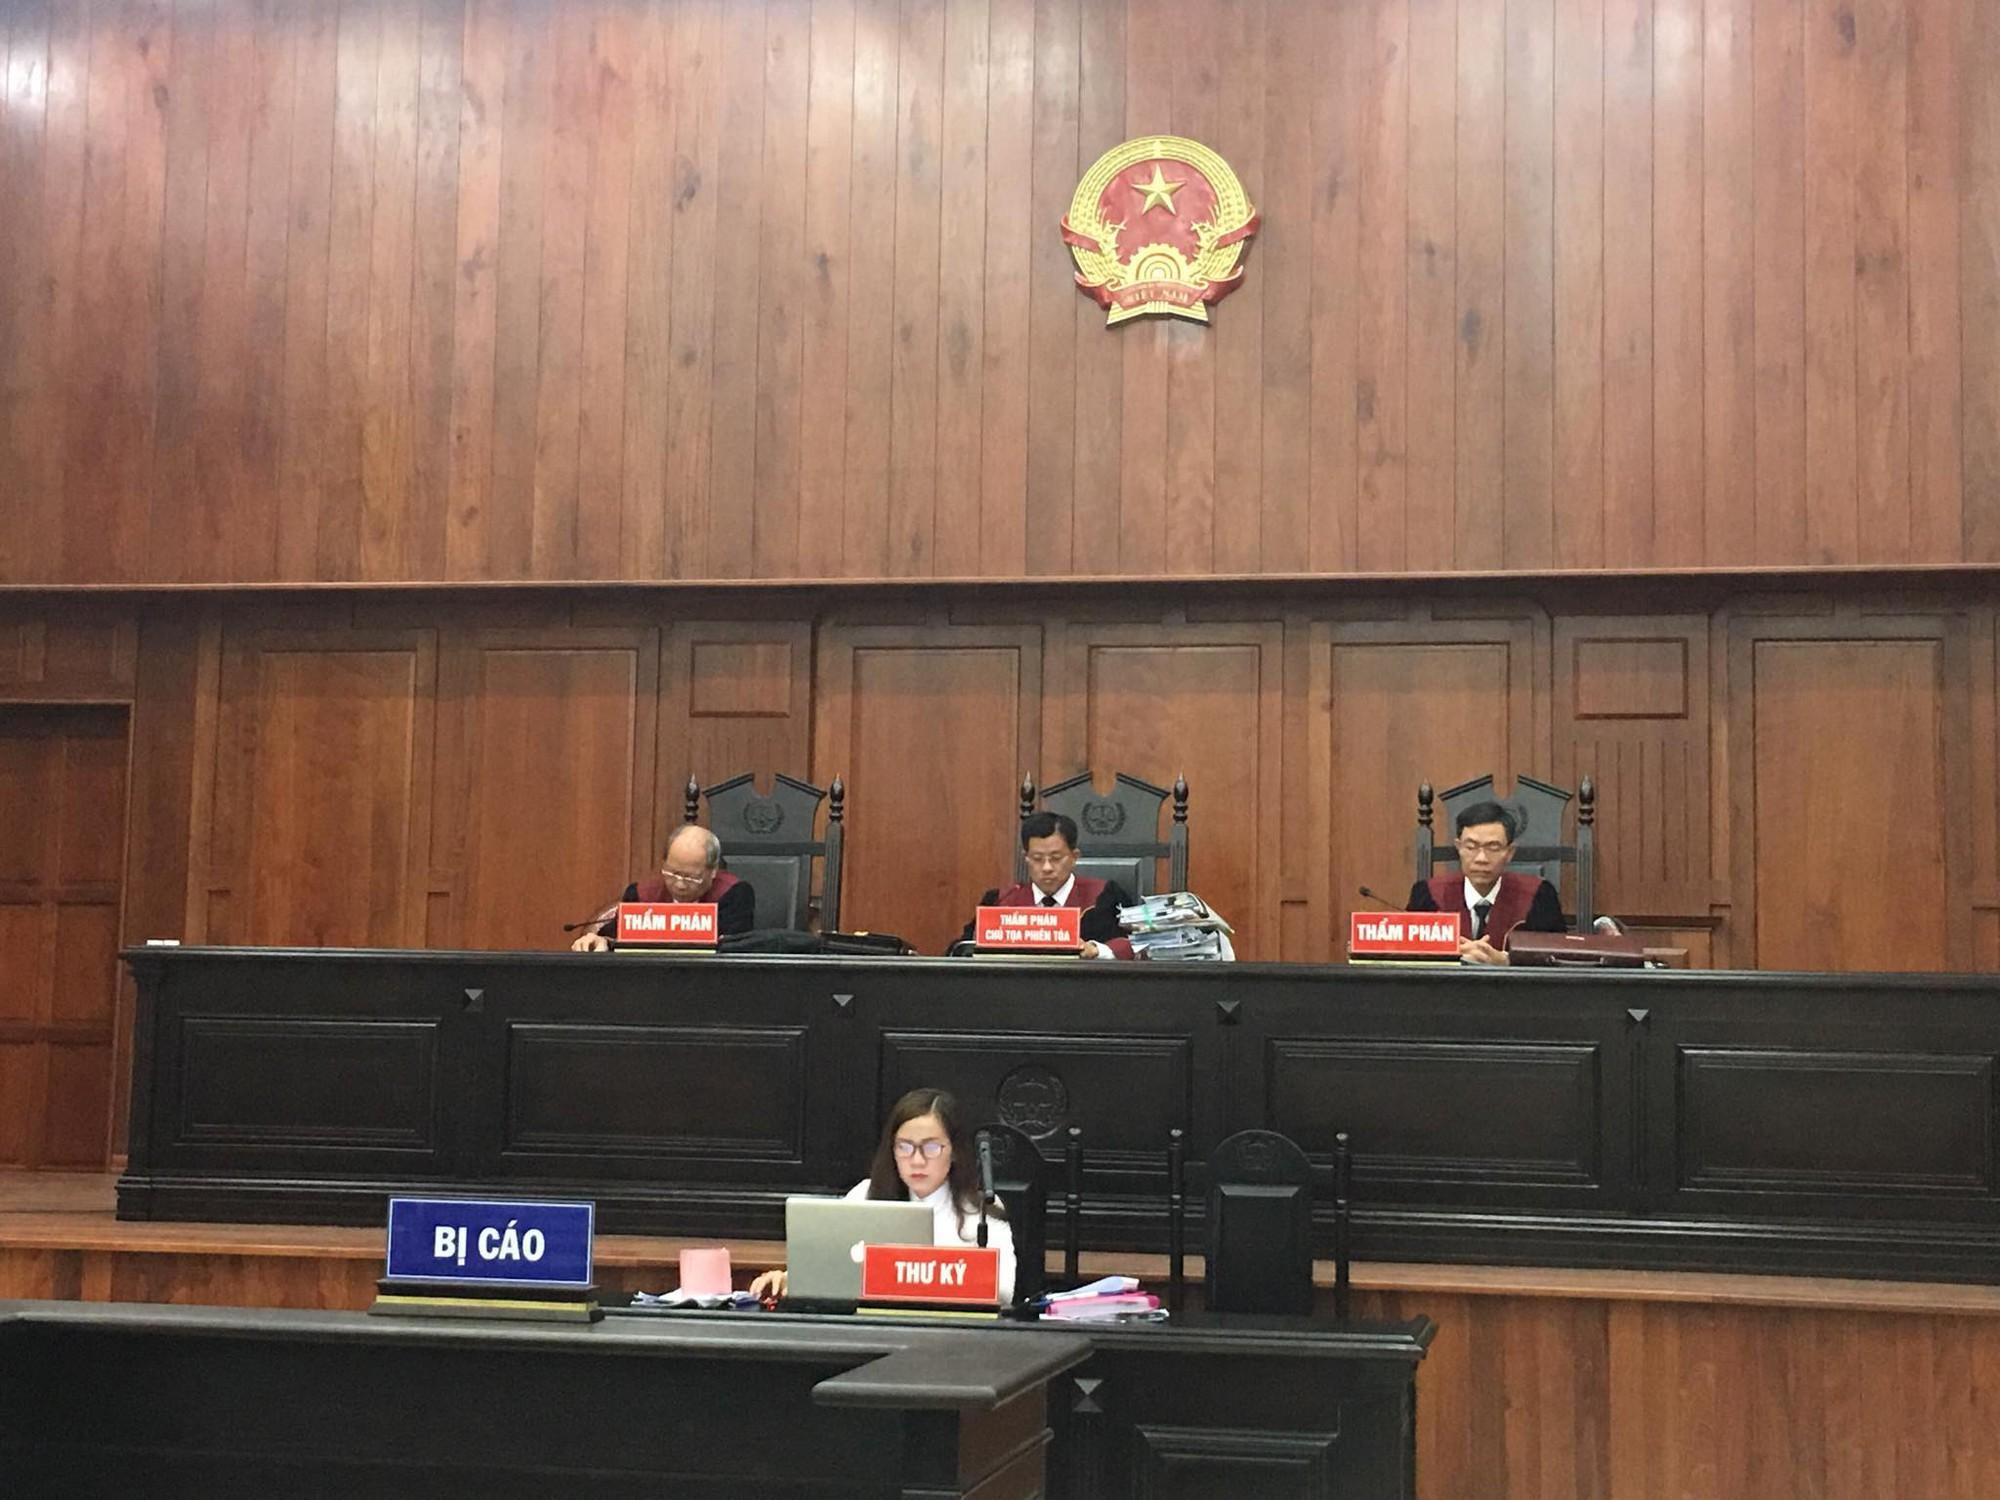 NÓNG: Bà Thảo vắng mặt trong phiên tòa ly hôn nghìn tỷ, ông Vũ cho biết không muốn nhắc đến chuyện gia đình-10